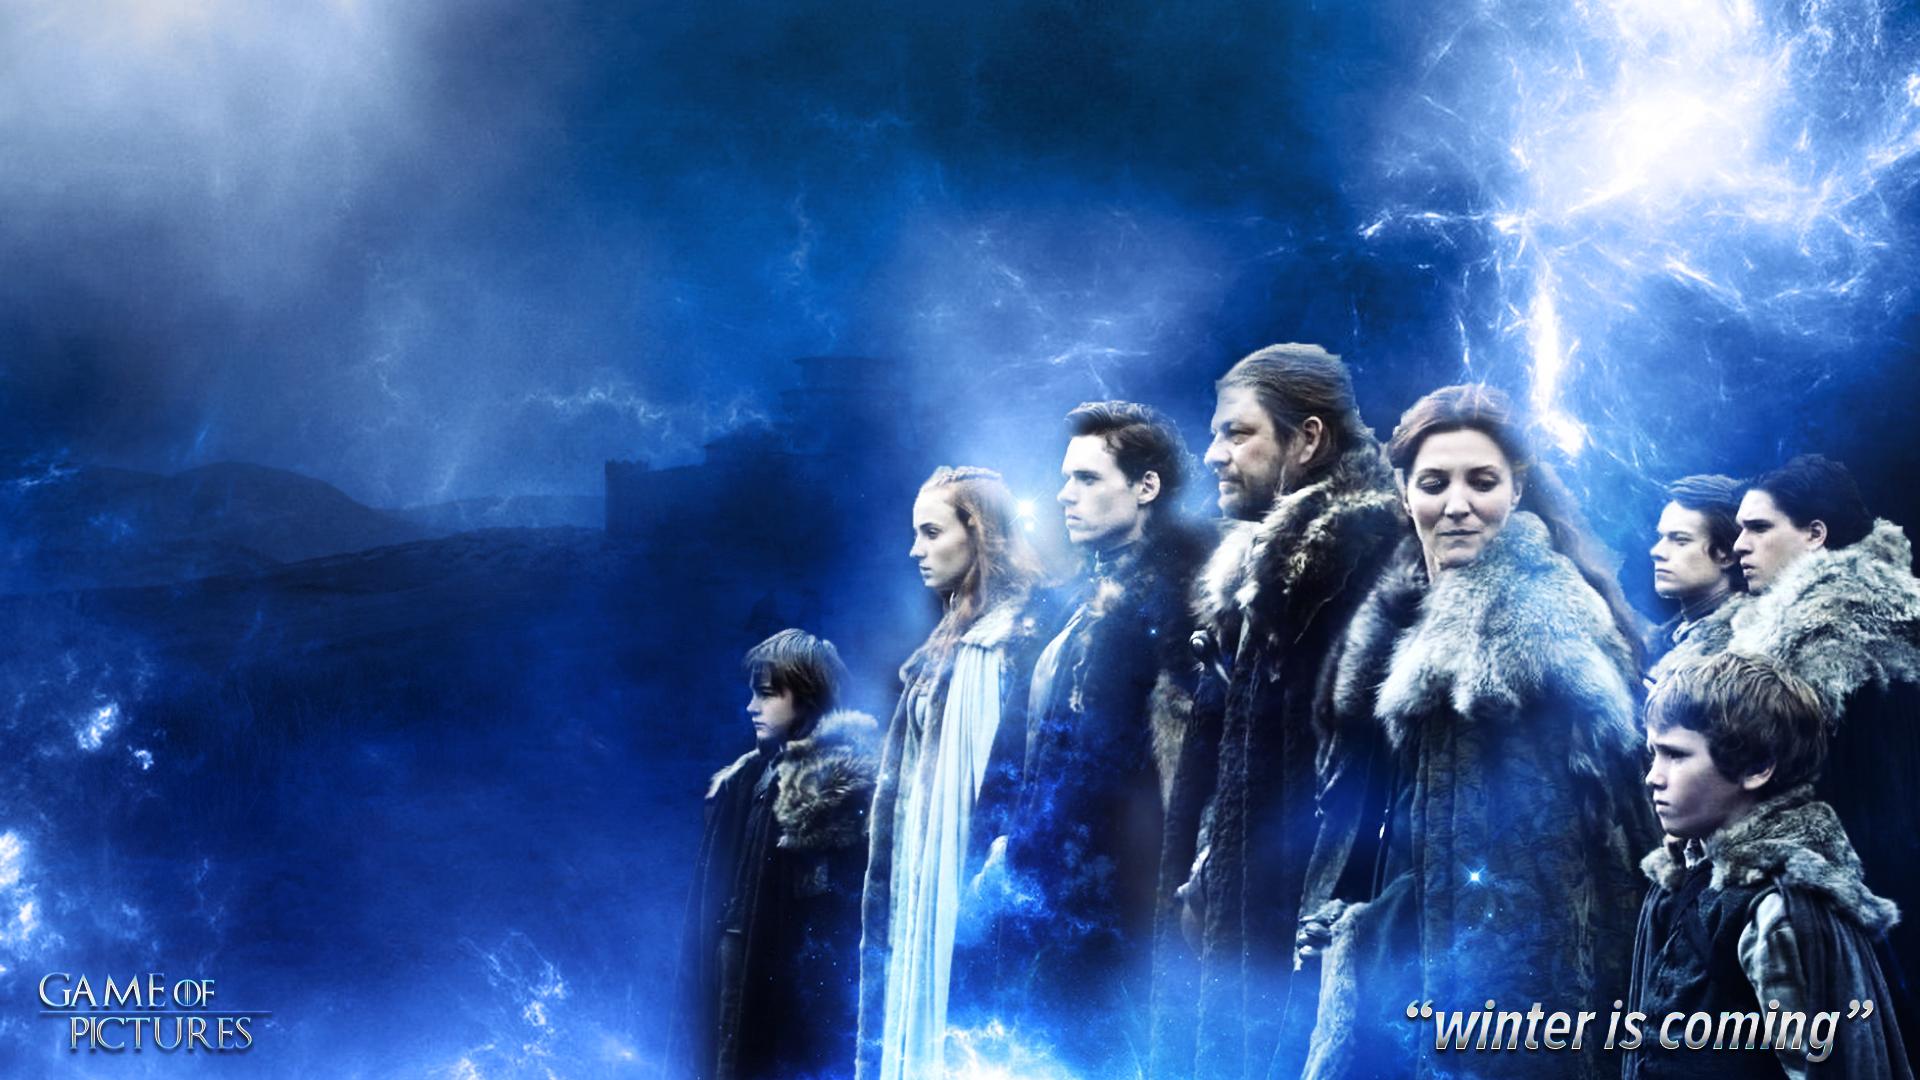 Game Of Thrones House Stark Wallpaper Season 1 By Goodstart376 On Deviantart